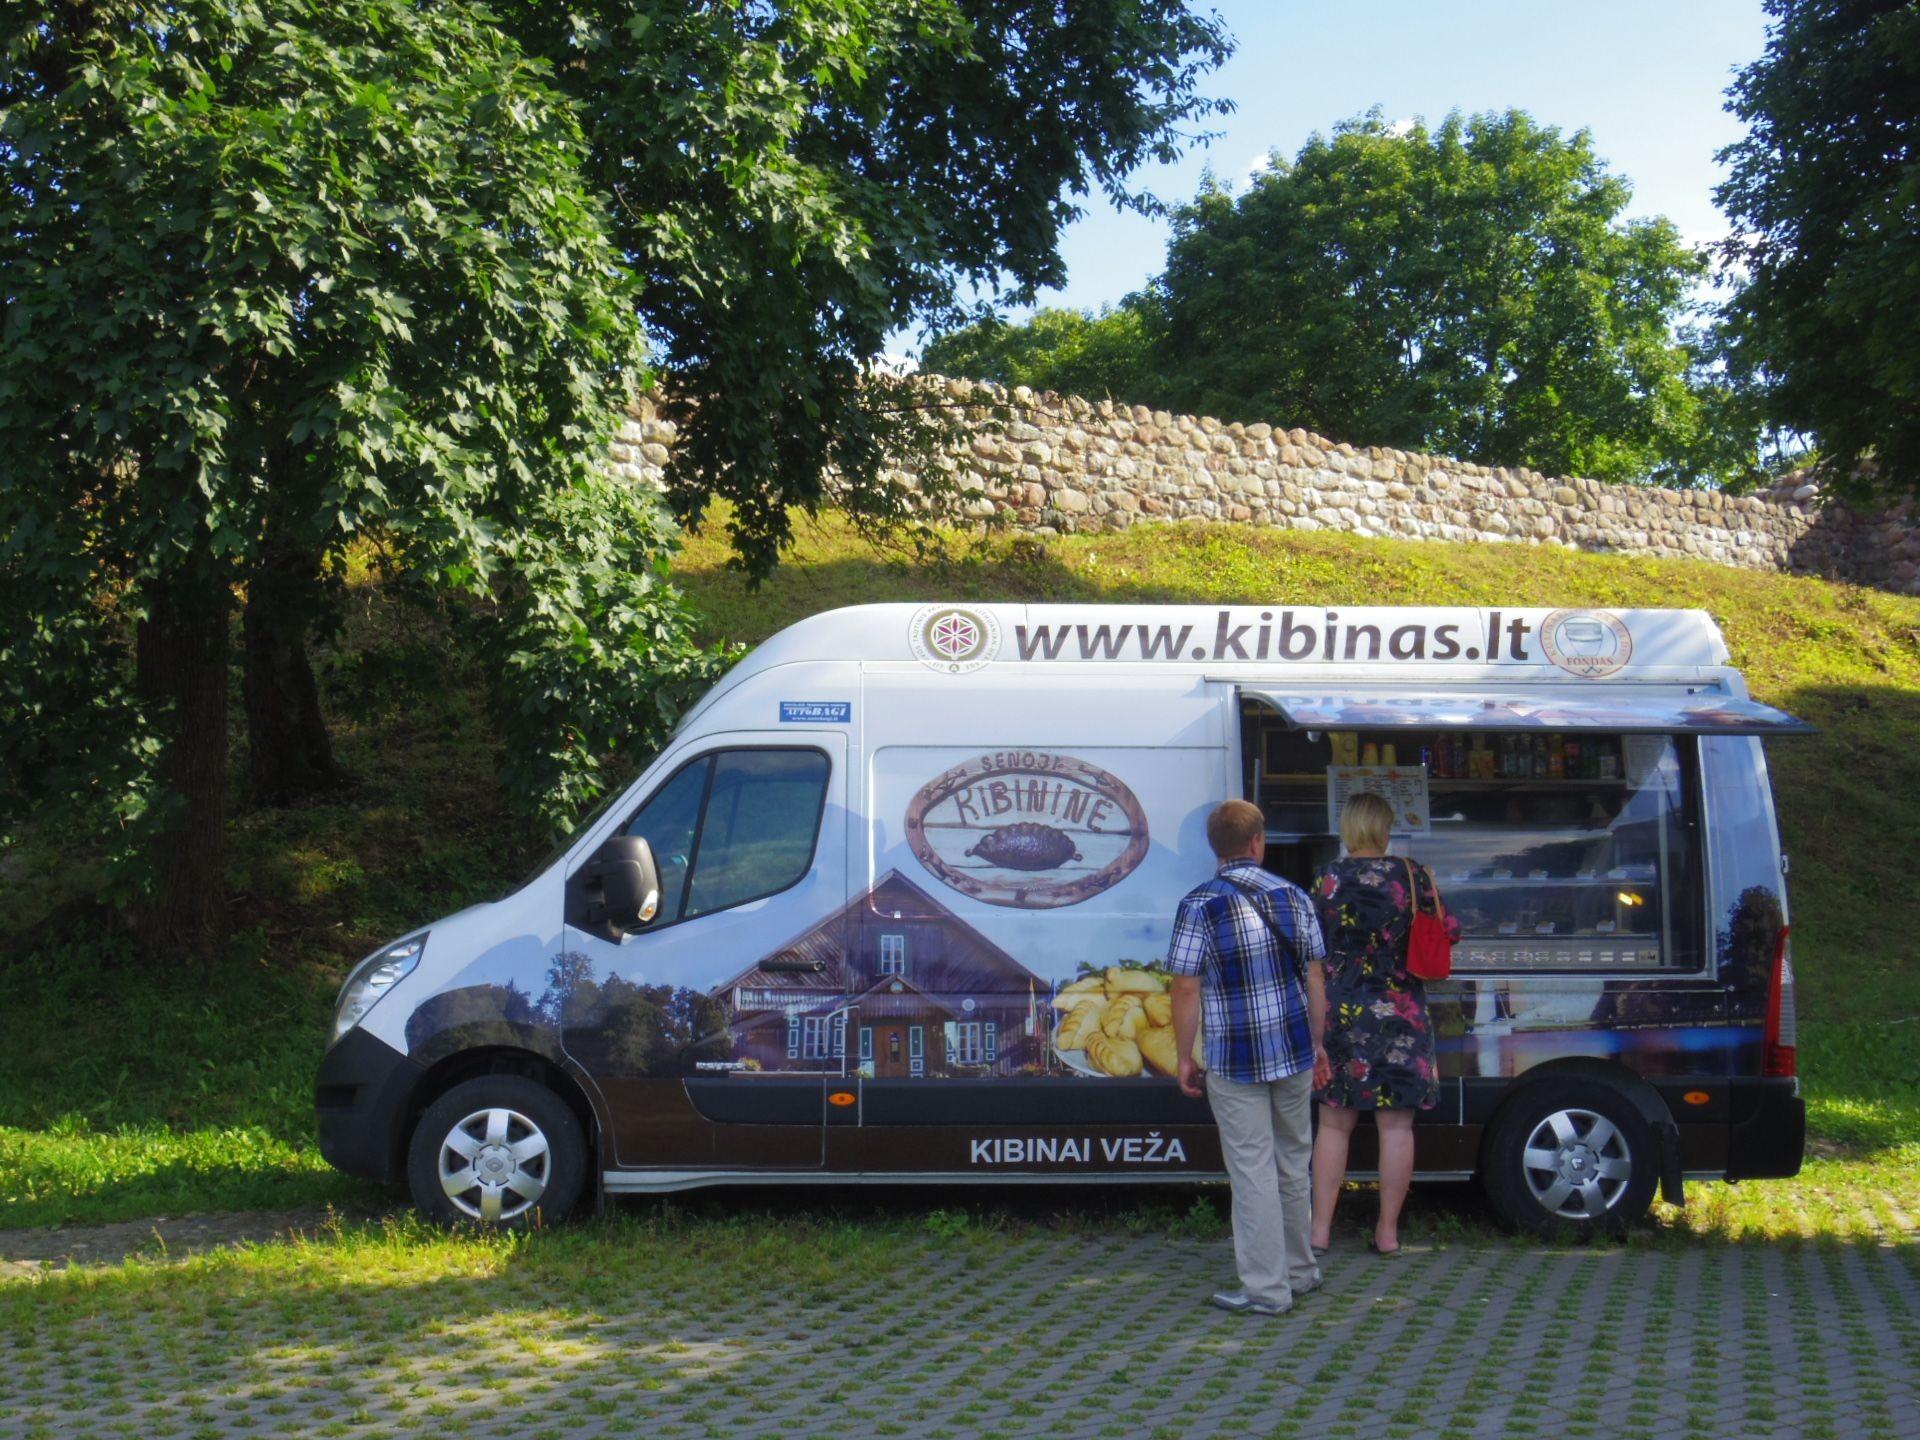 リトアニア「トラカイ島城」 特集!歴史が詰まる湖上の名城、人気のリゾート地を訪れよう